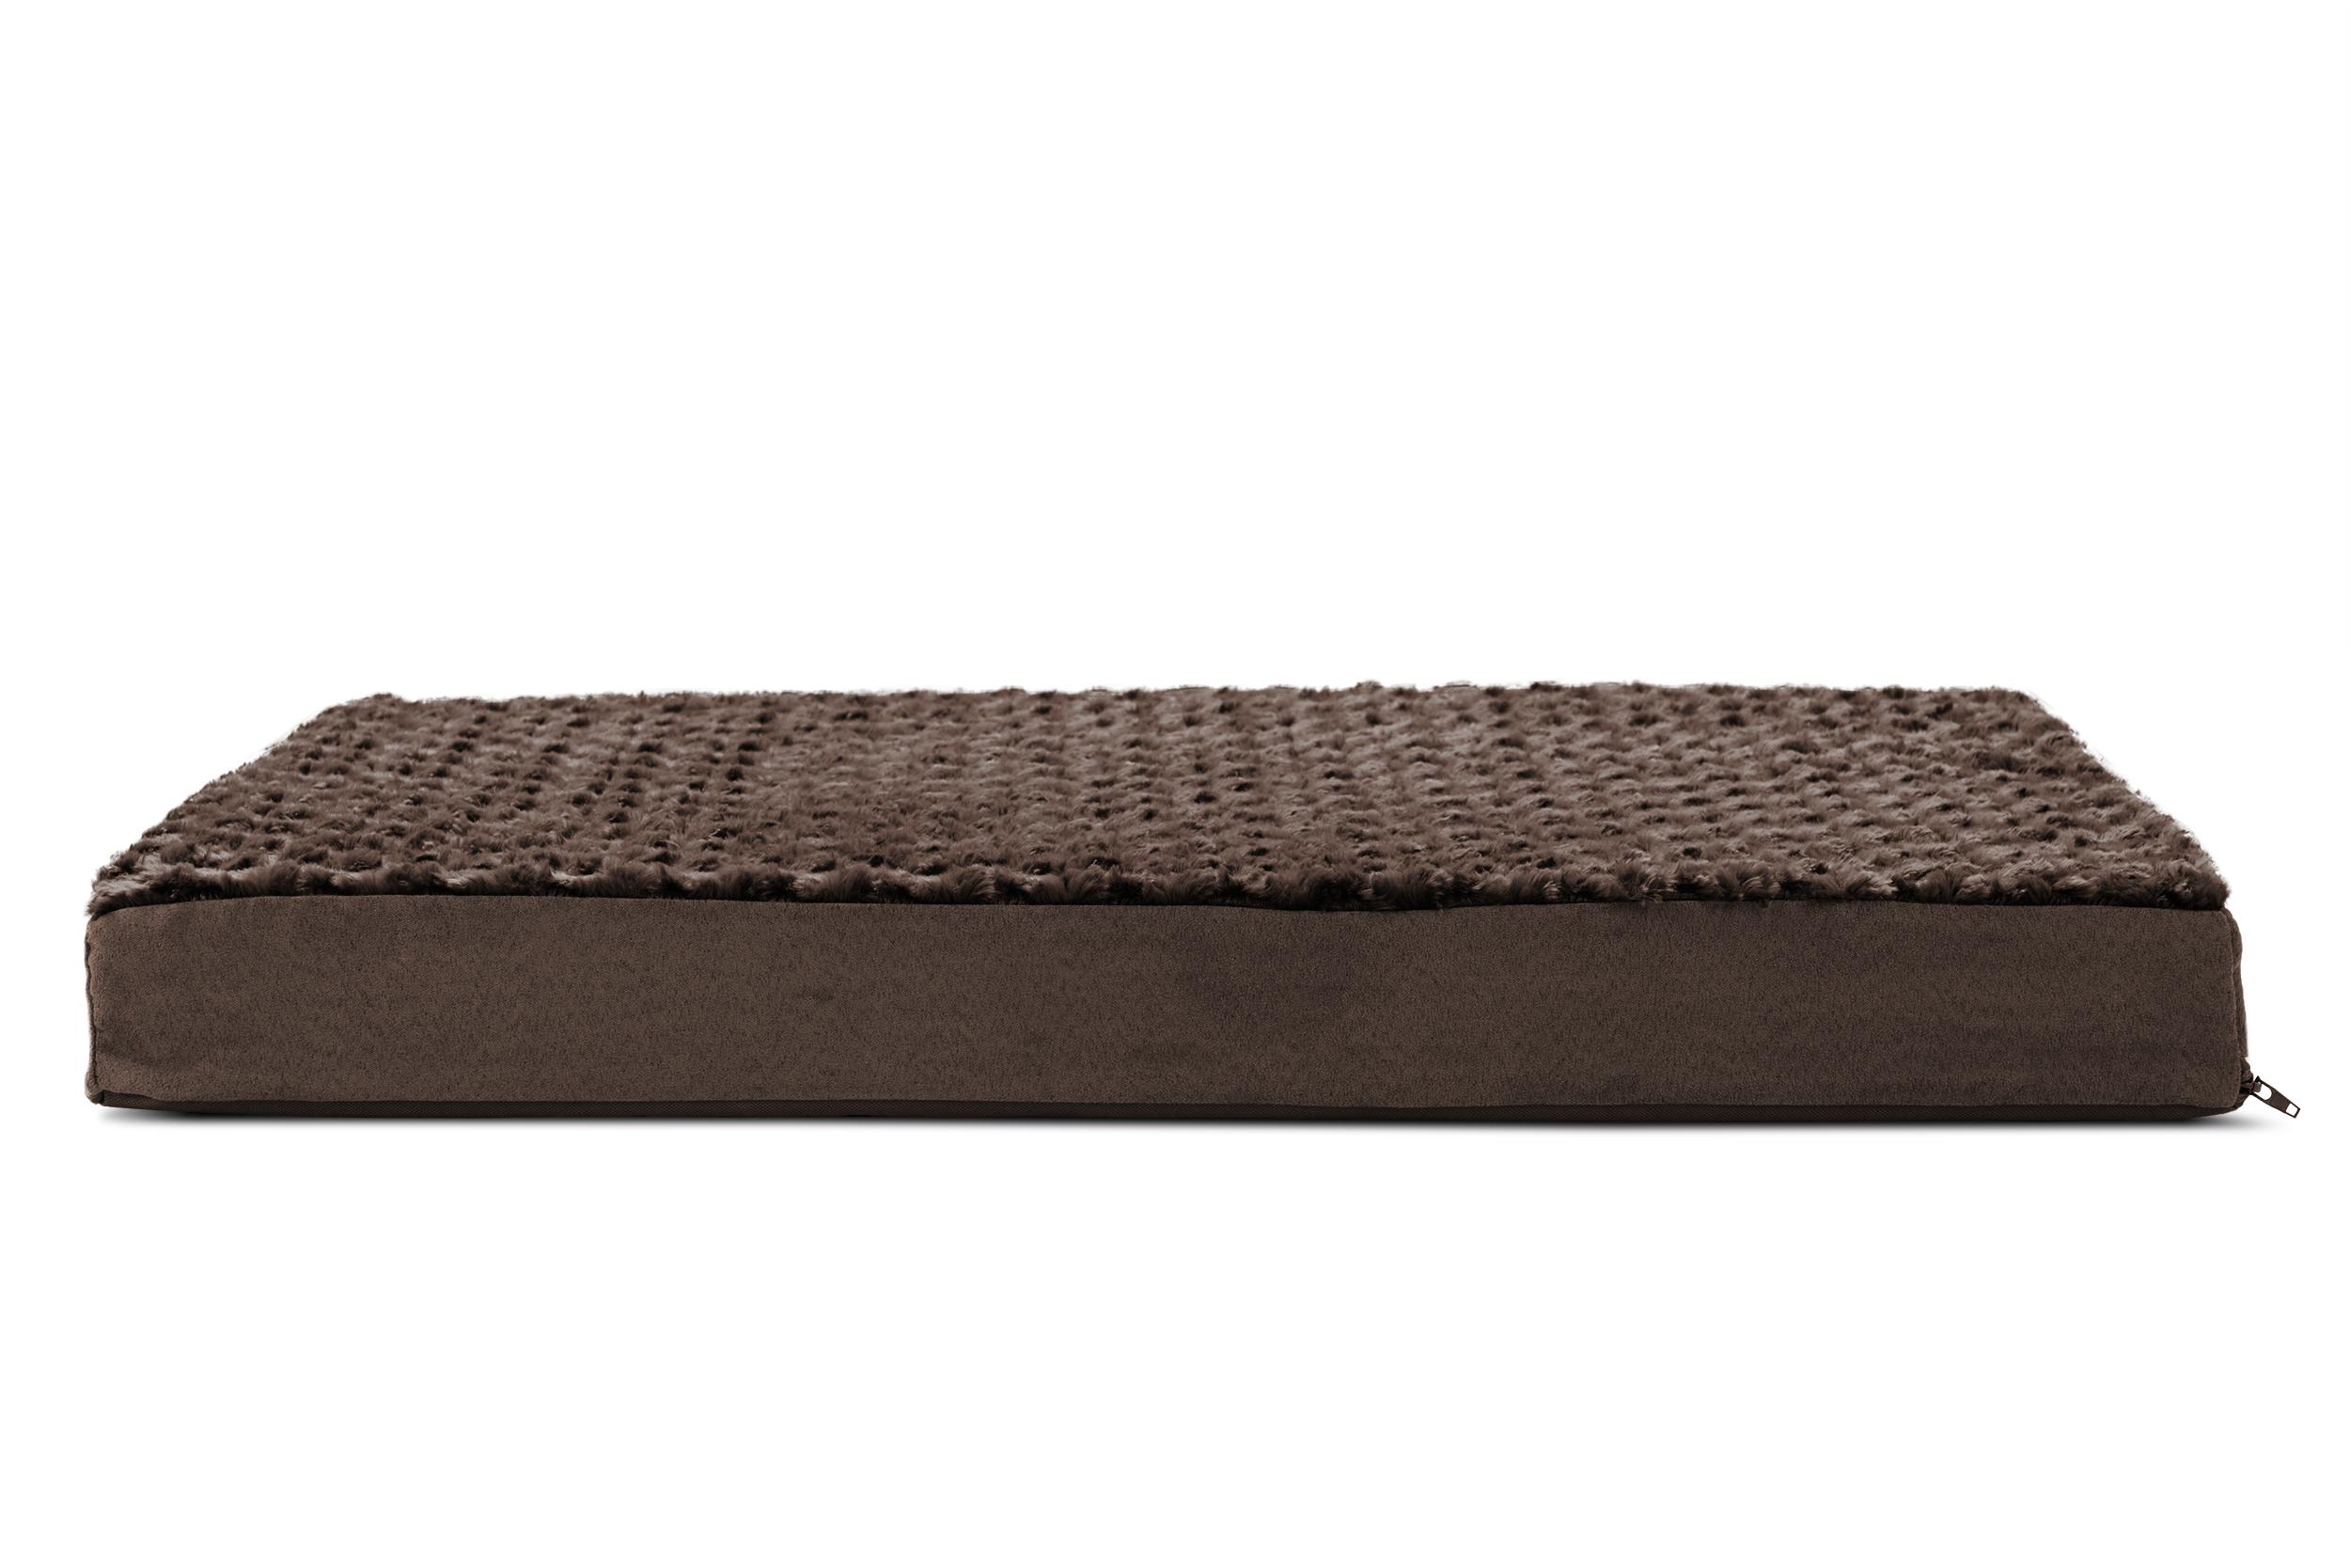 Orthopedic Dog Or Cat Pet Bed Crate Pad Mat Plush